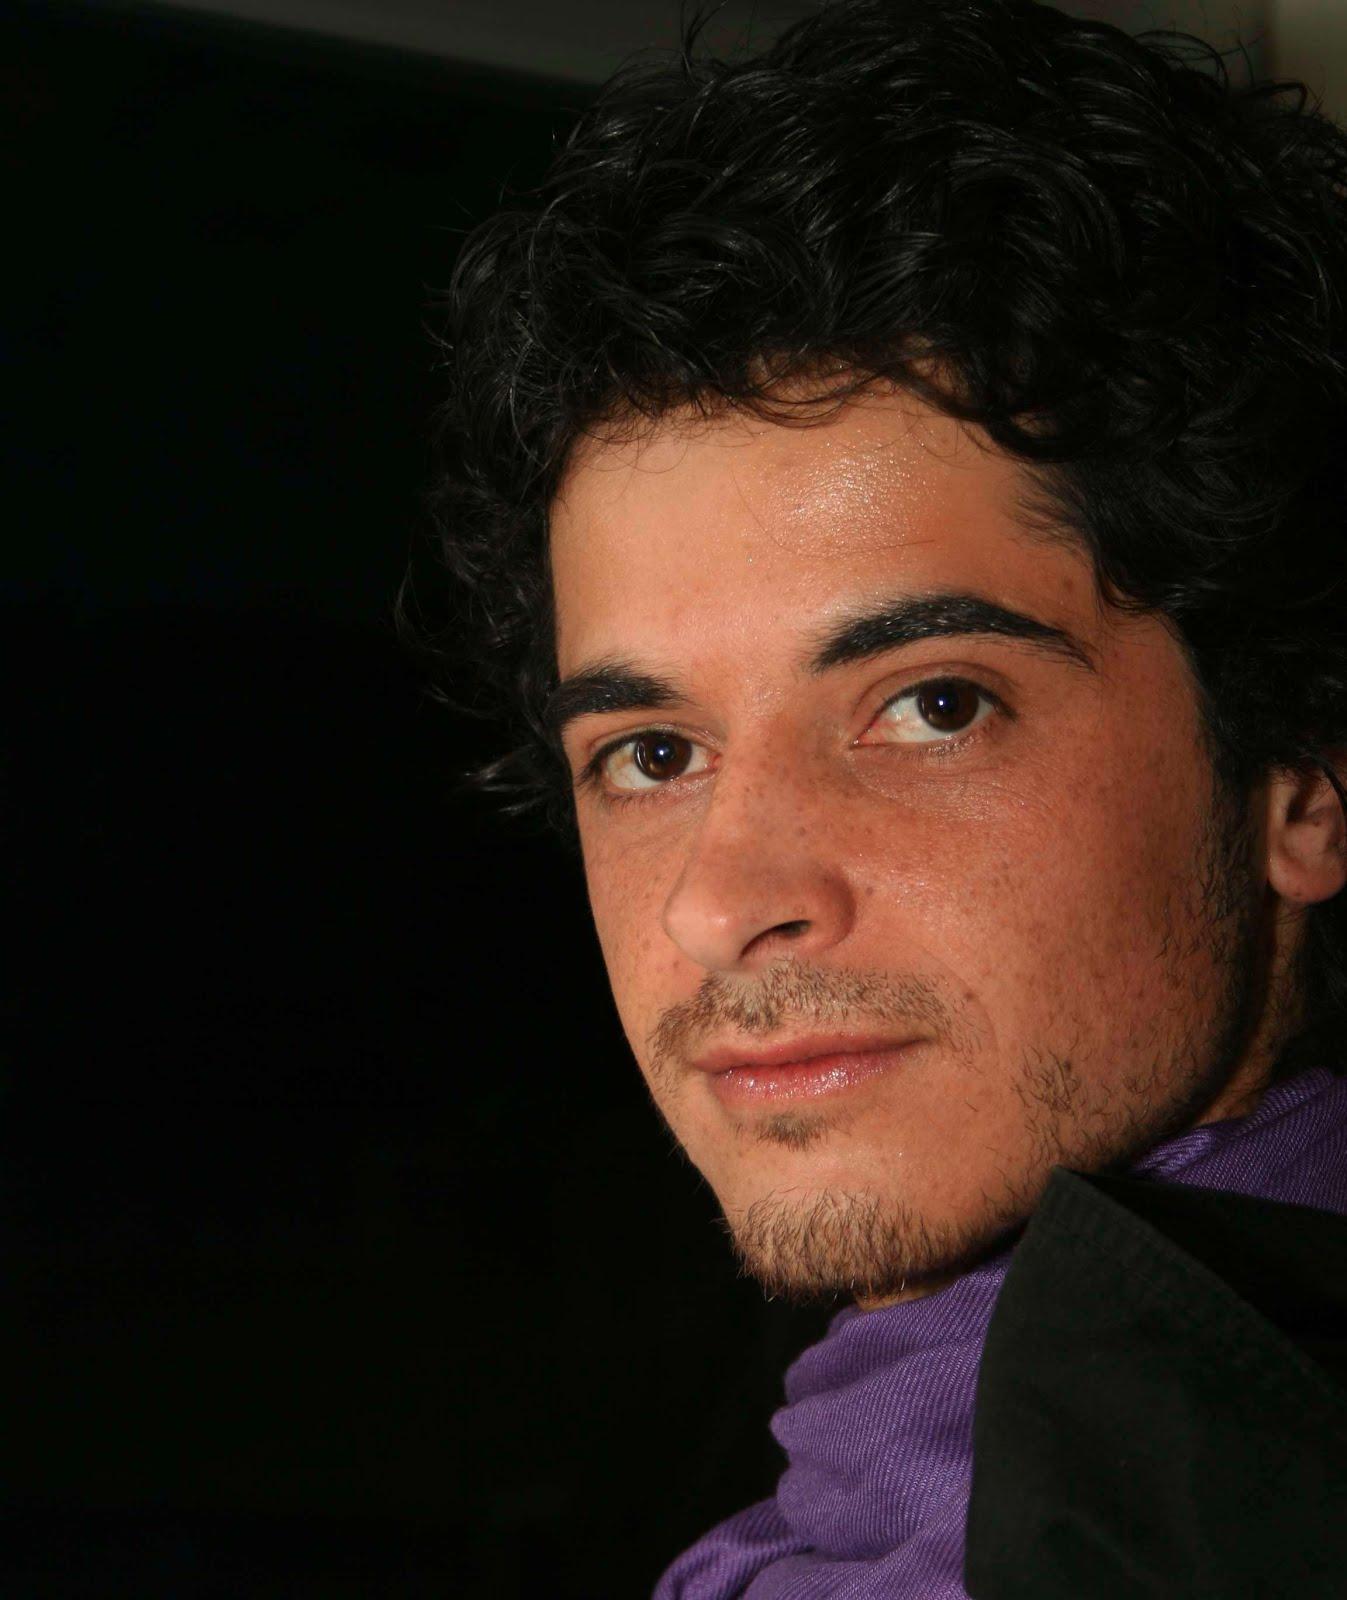 Gabriel Gavioli